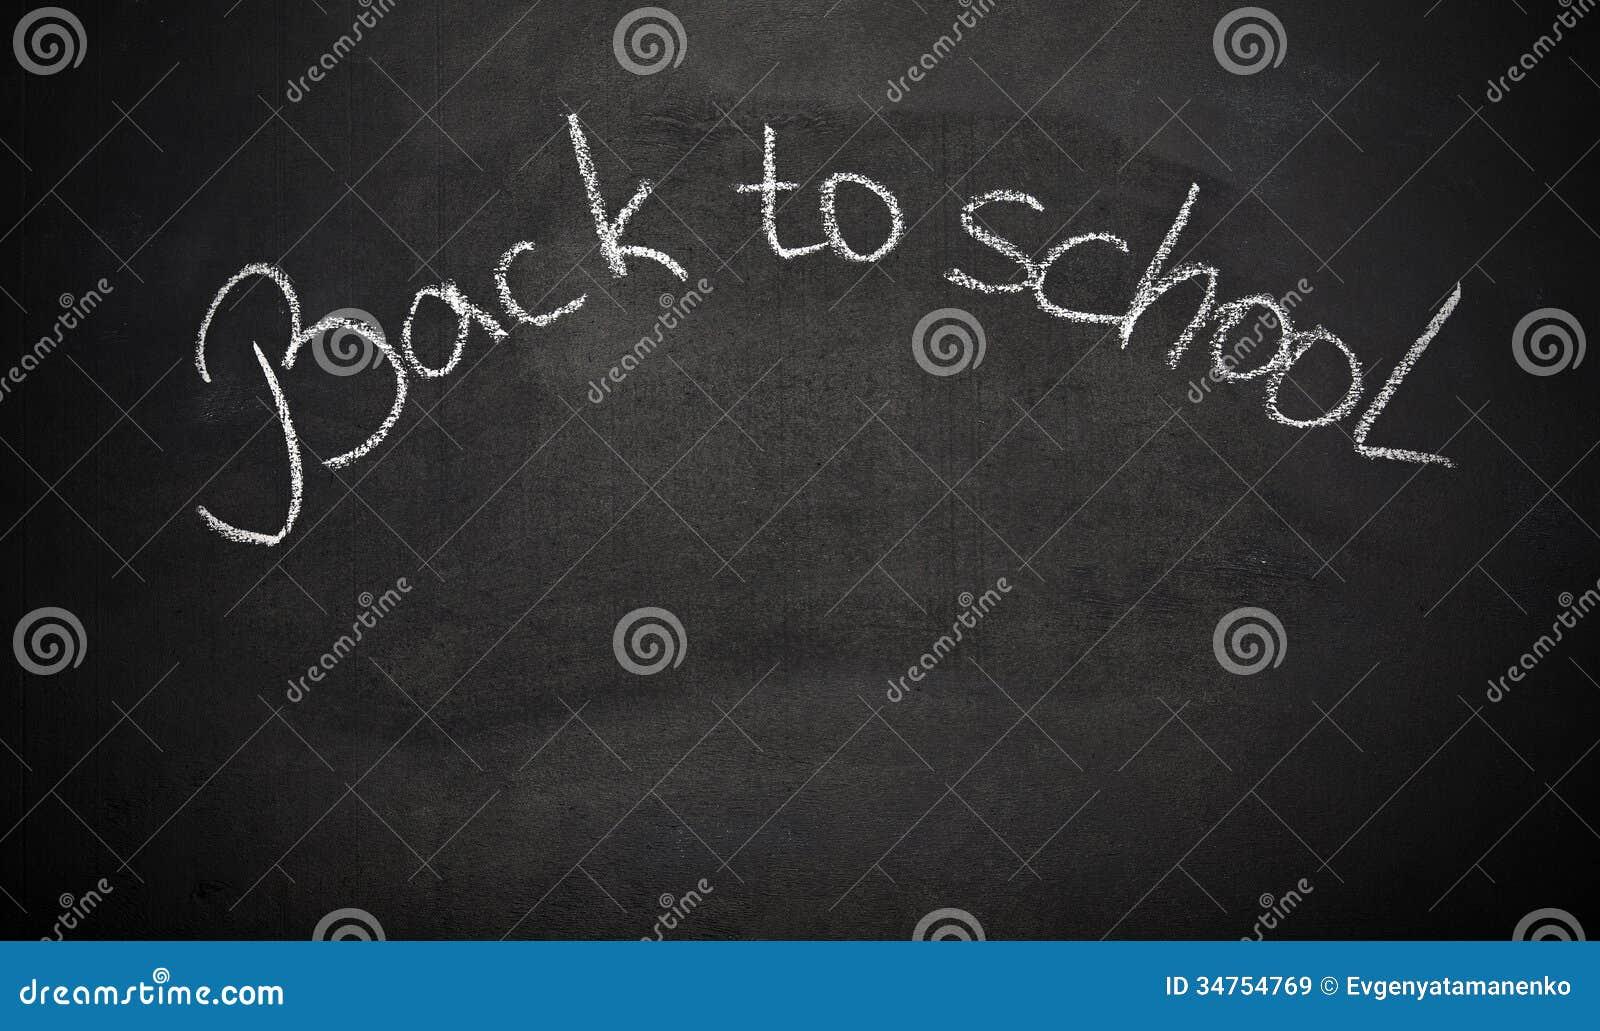 Schoolschoolbord met woorden terug naar school